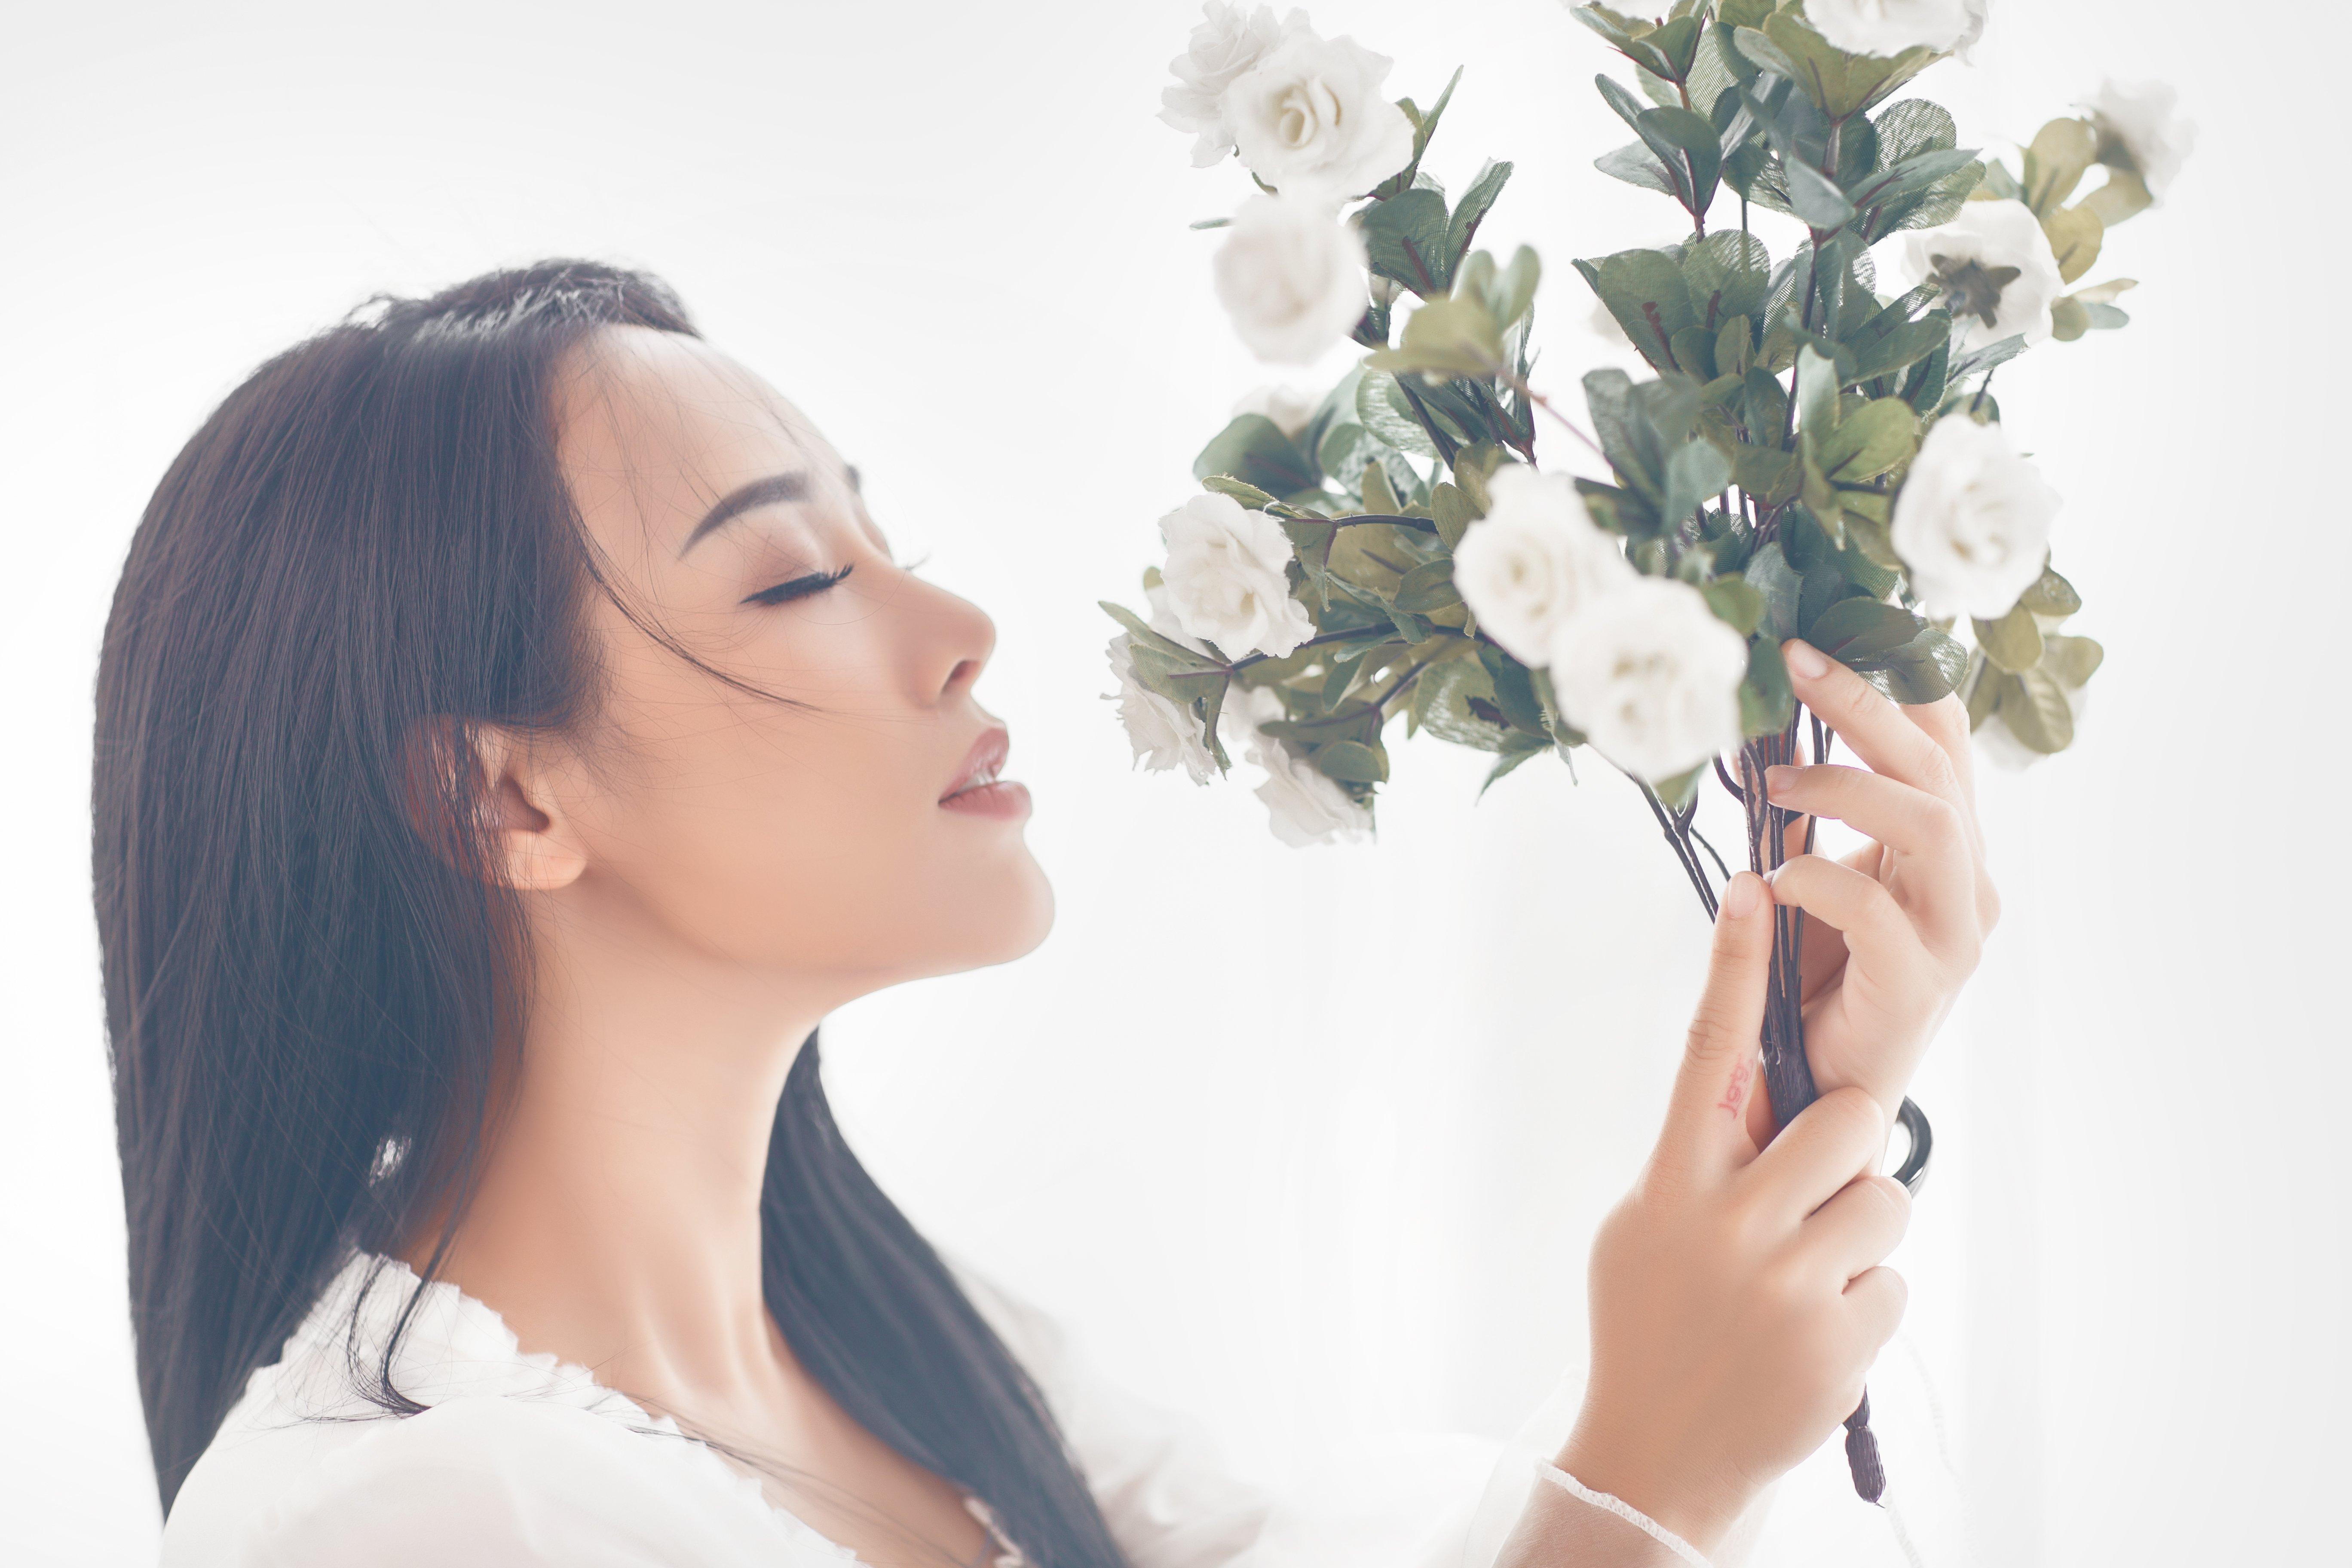 Hình ảnh Ngắm vẻ gợi cảm đốt con mắt của vợ ca sĩ Việt Hoàn số 6